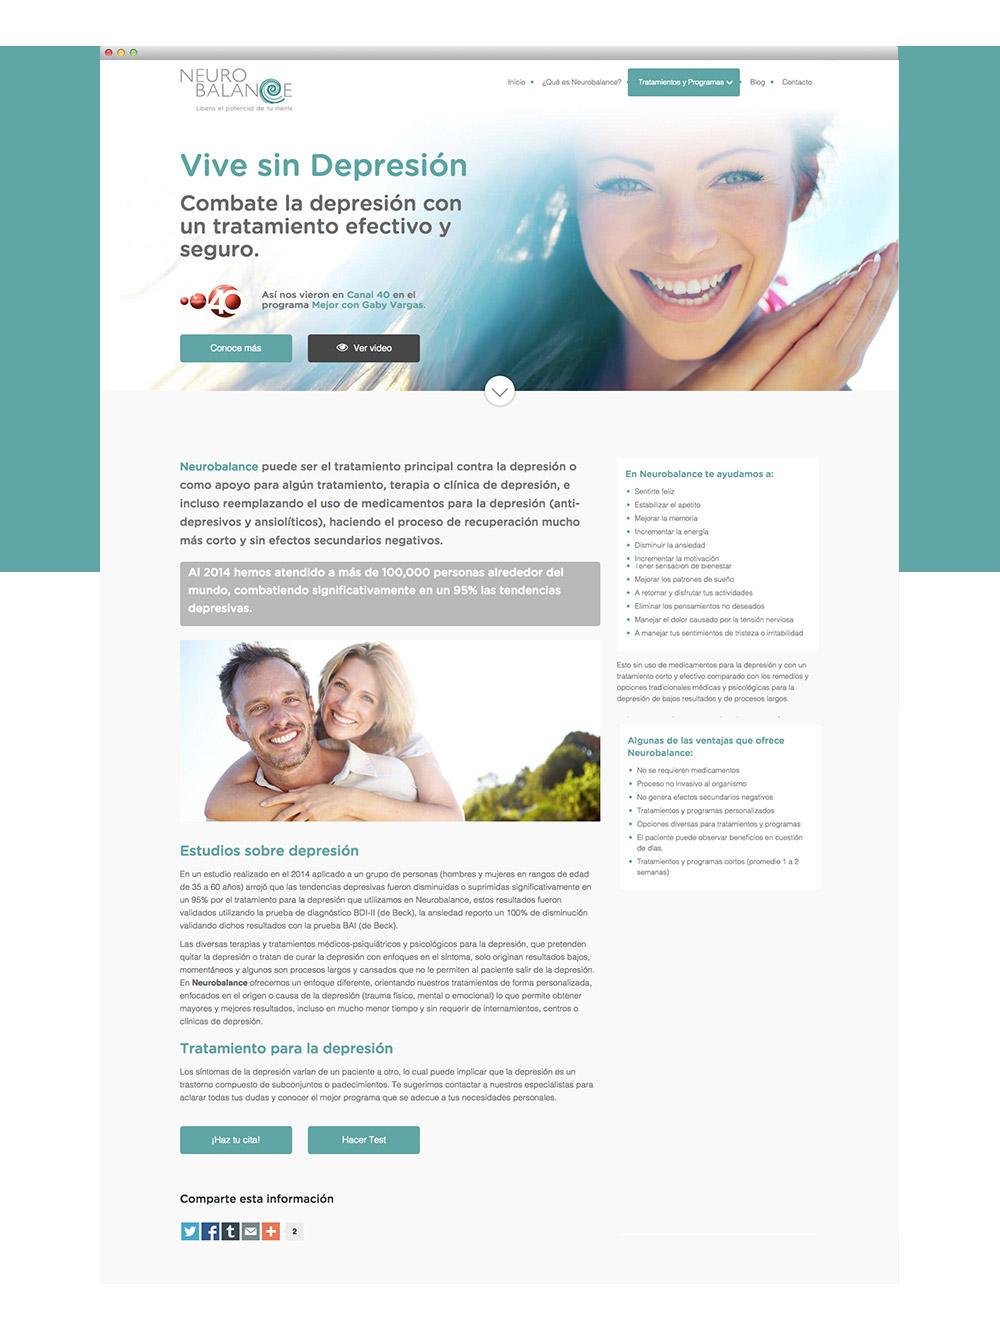 diseño web, diseño gráfico, cozar - proyectos - neurobalance